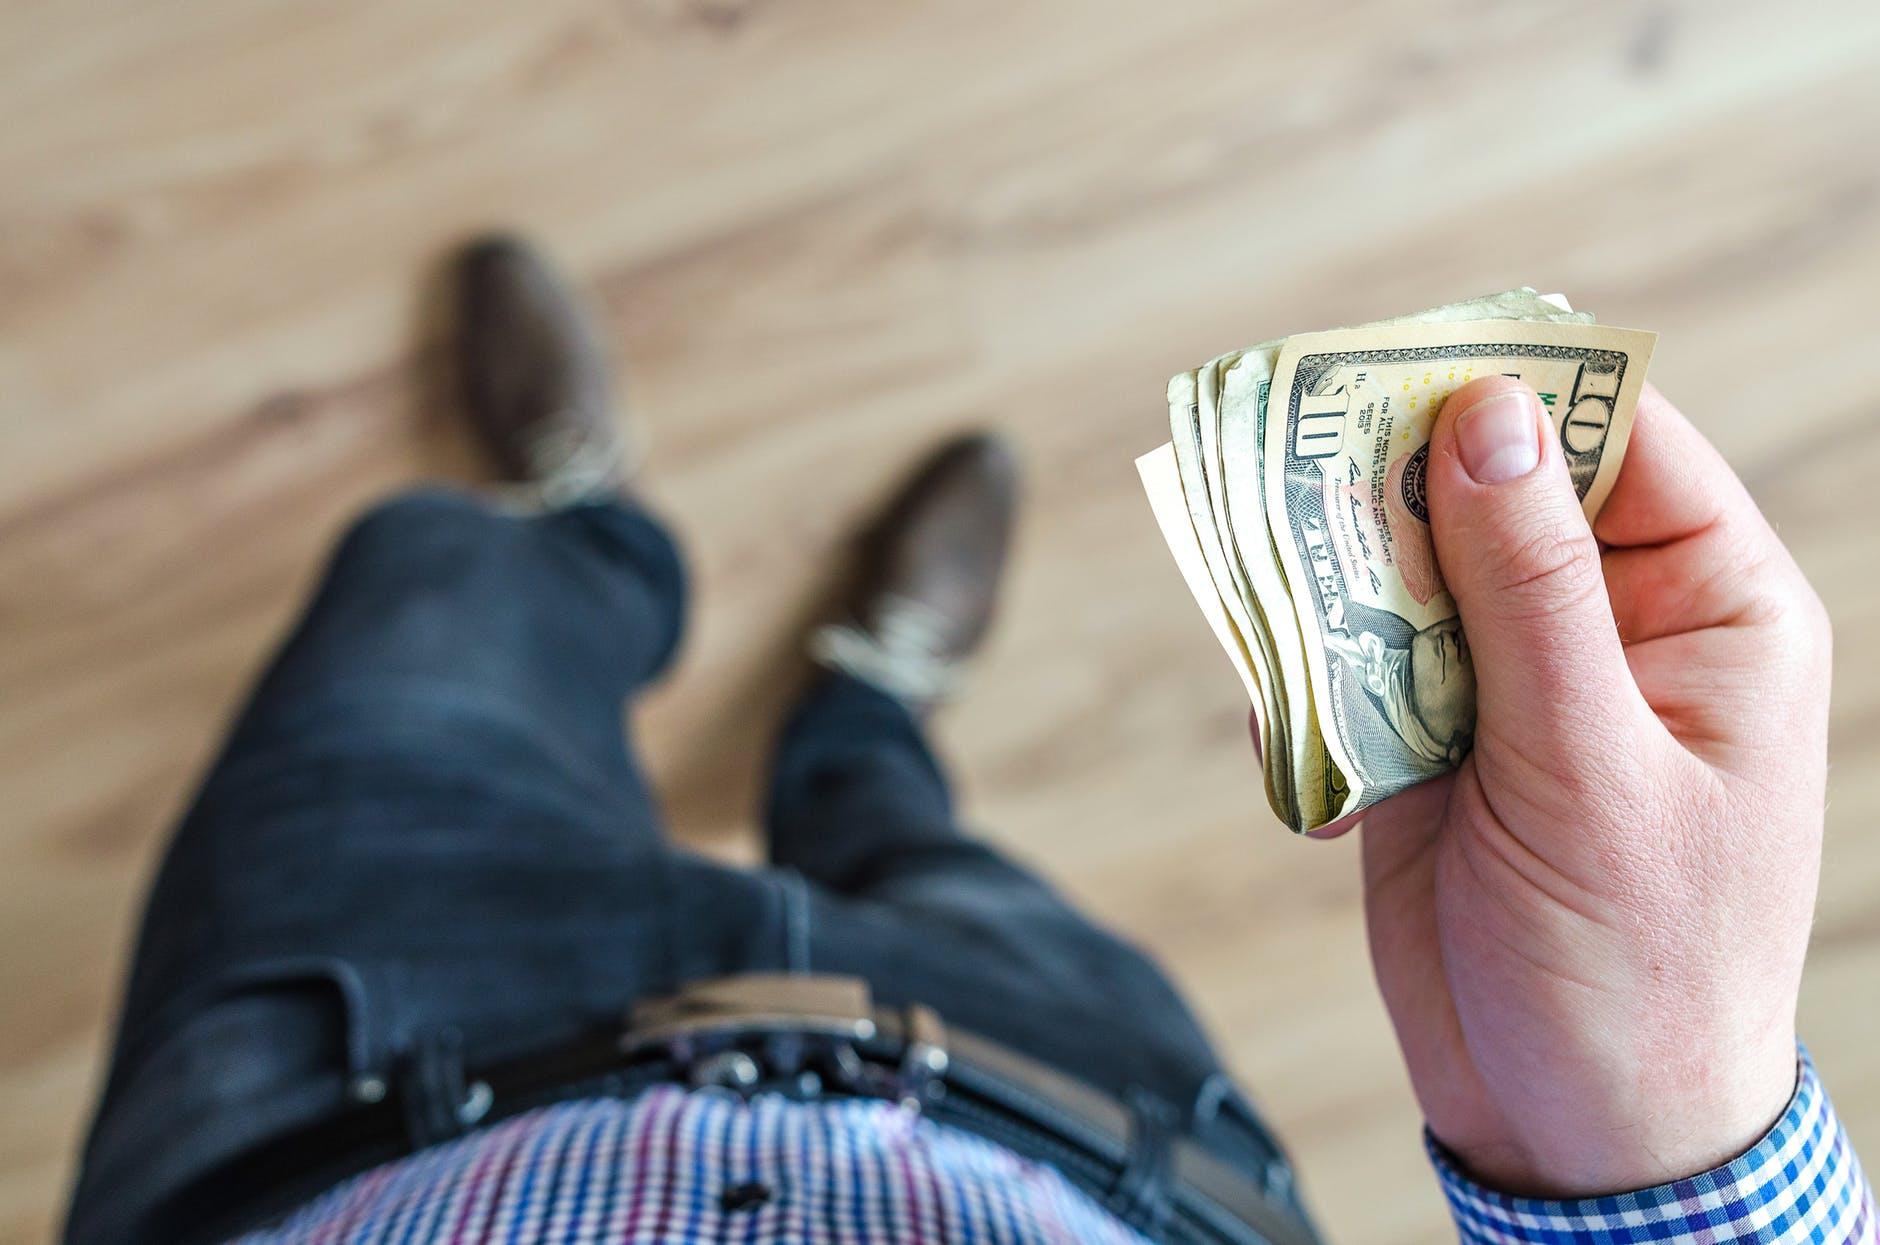 Conseils pour réussir un pari remboursé si match nul